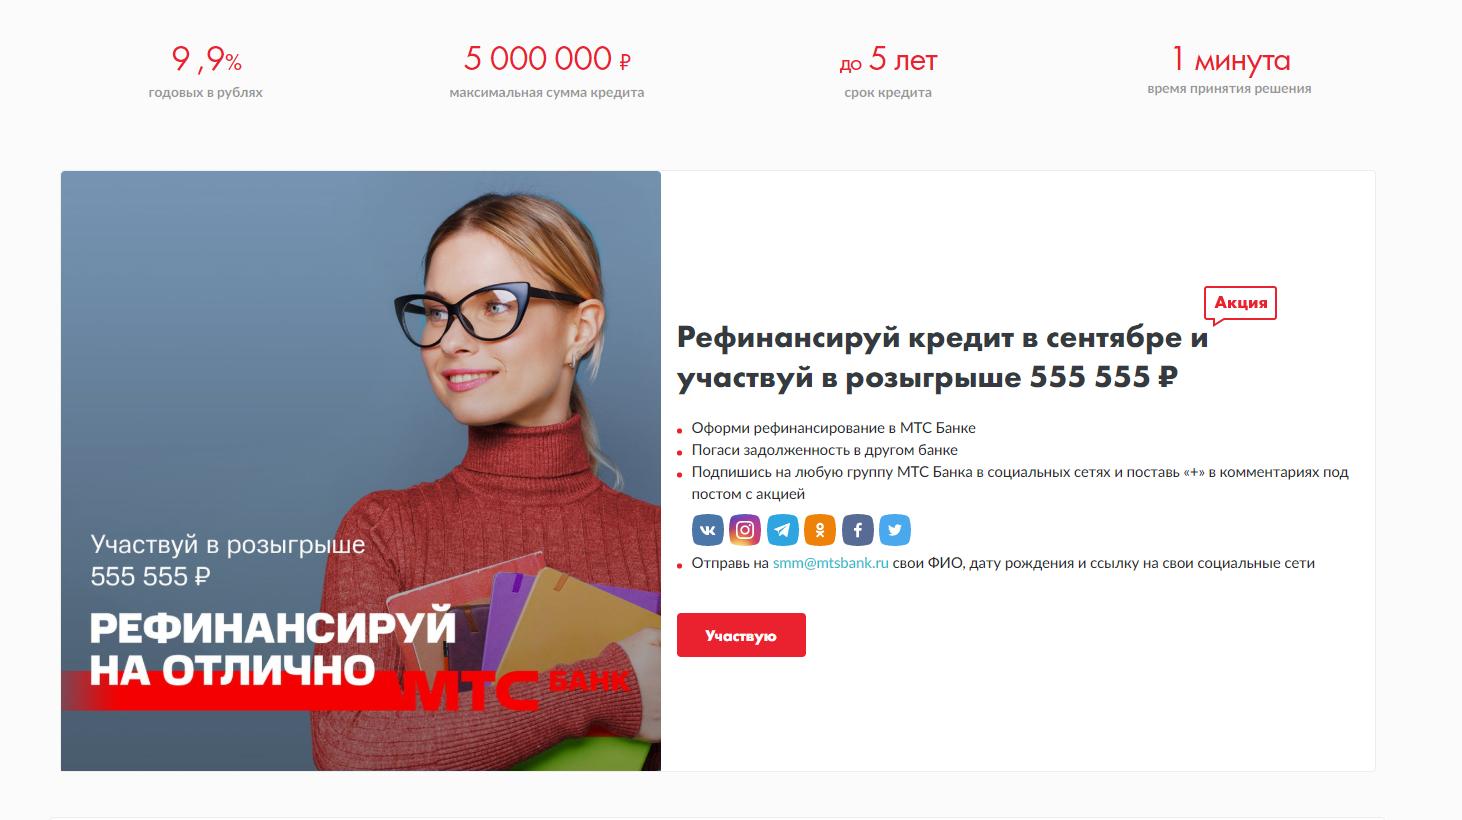 mts-bank-refinansirovanie-kreditov-drugix-bankov_2